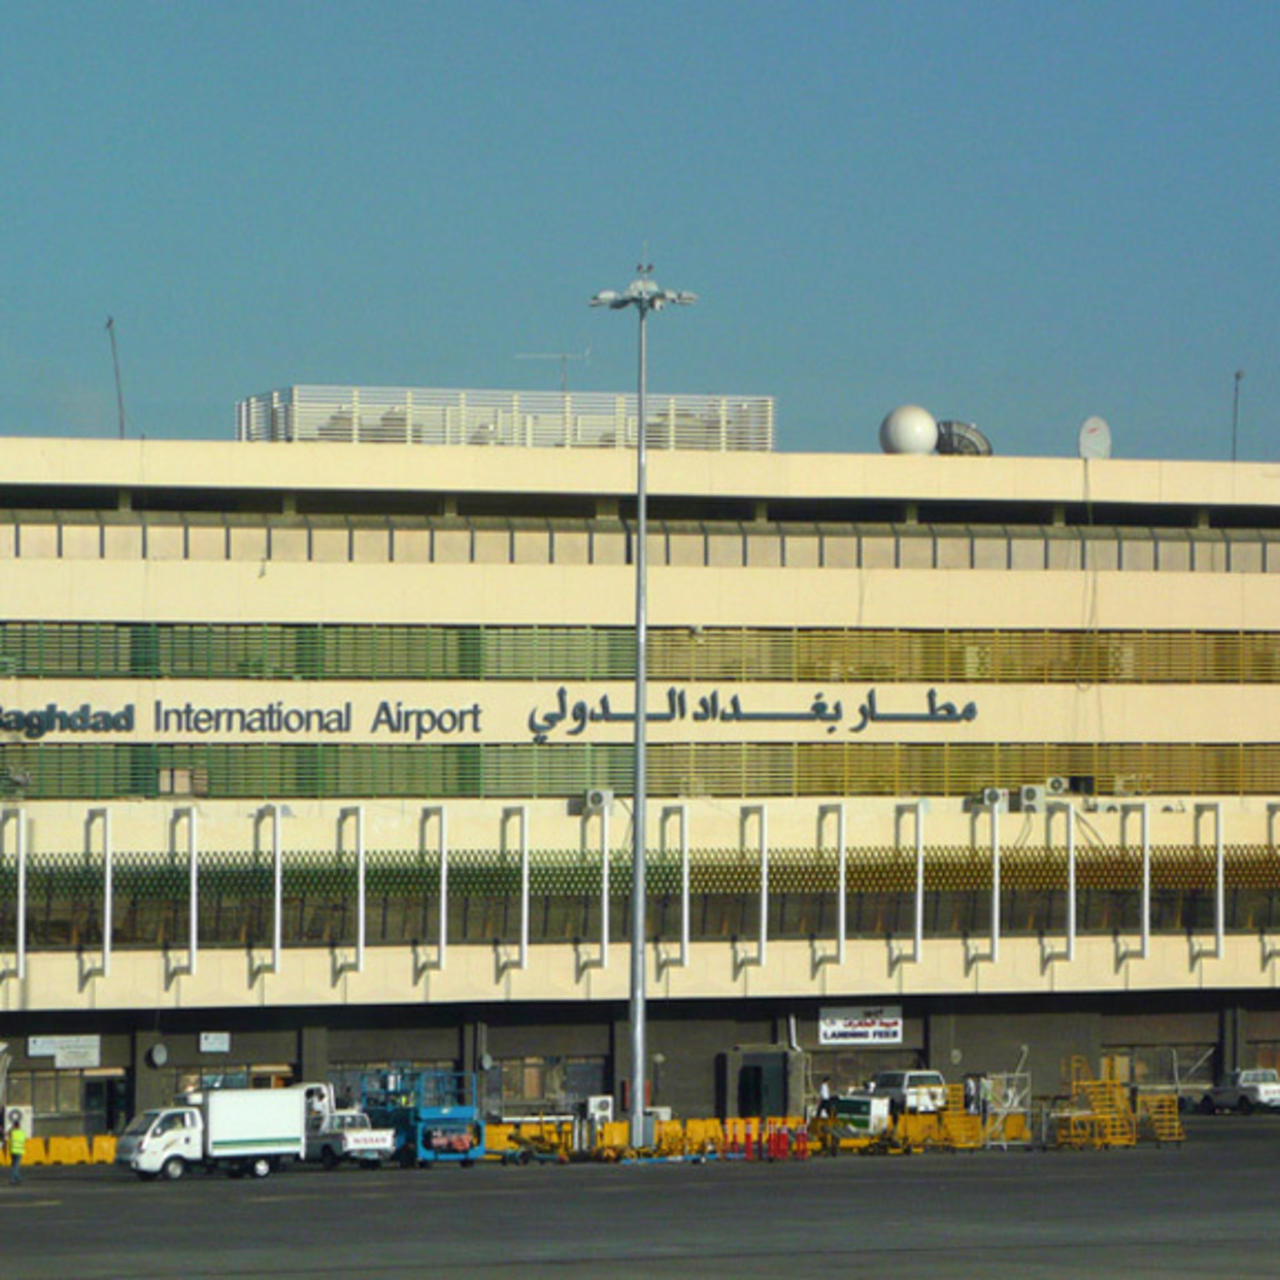 هيأة المنافذ الحدودية:إحباط محاولة تهريب 100 ألف دولار عبر مطار بغداد